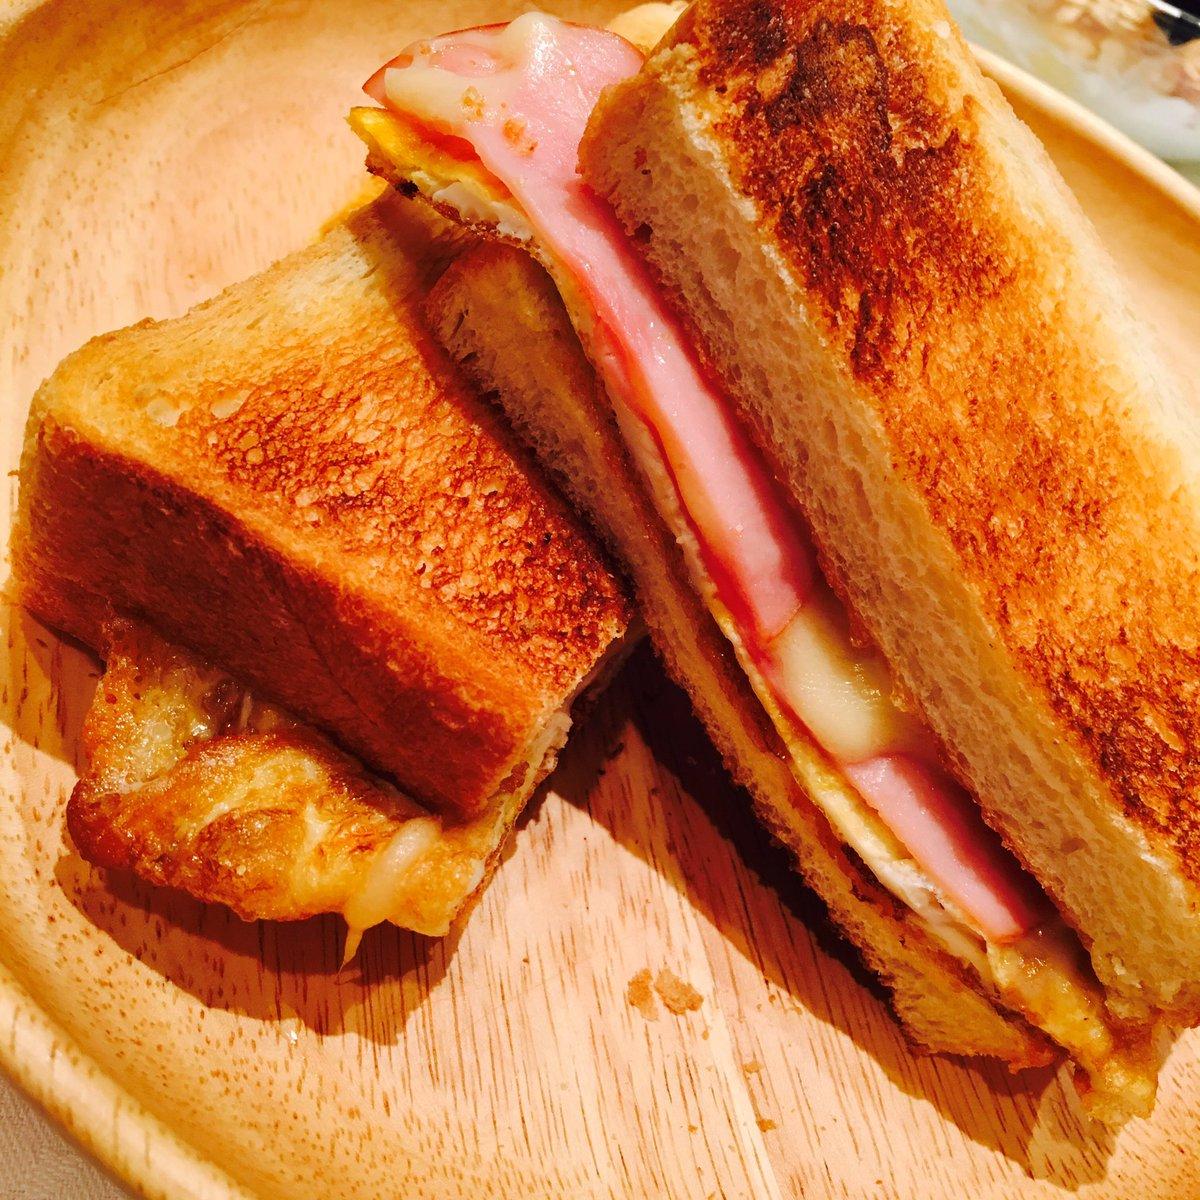 今日は朝から撮影(^O^) パンにマーガリンとマヨネーズを塗り、チーズと卵、とろけるチーズを挟んで出…